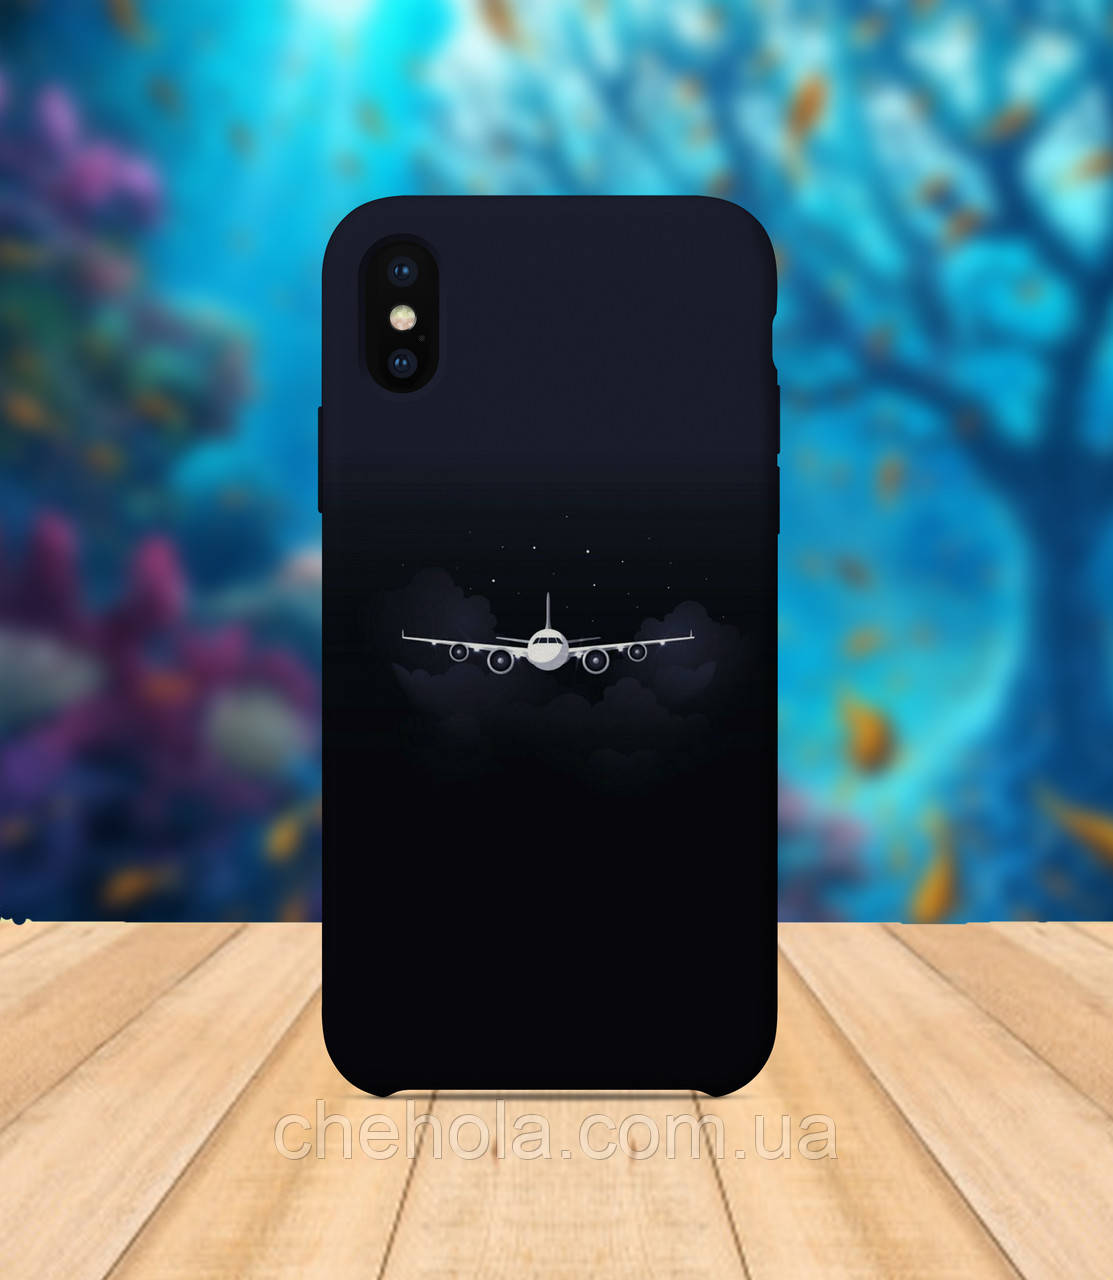 Чохол для apple iphone x XS max Літак чохол з принтом